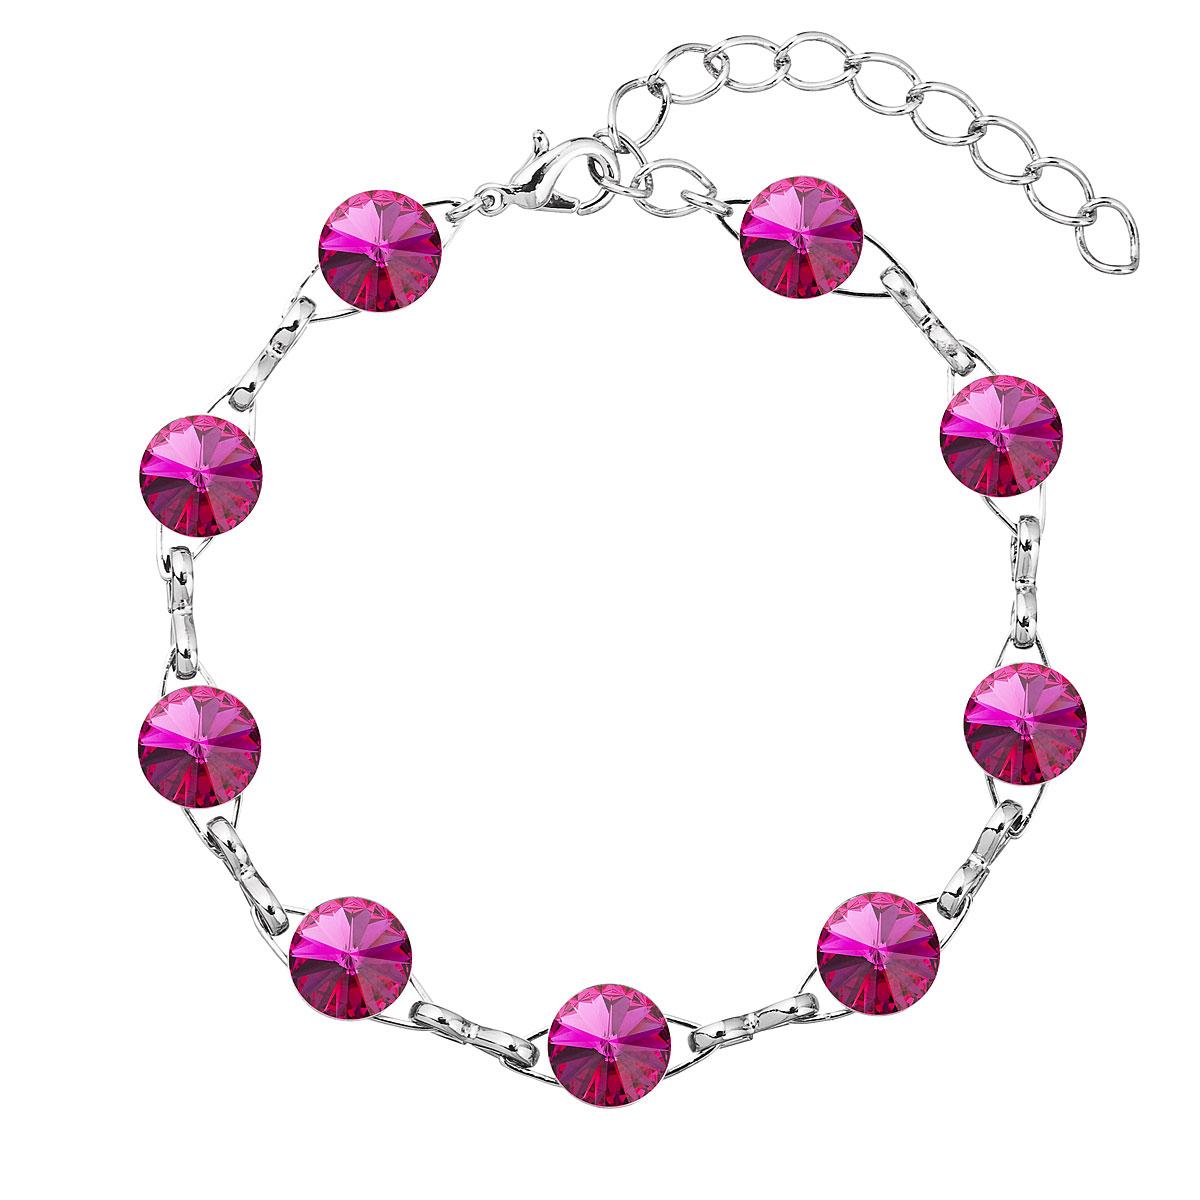 Evolution Group Náramek se Swarovski krystaly růžový 53001.3 fuchsia